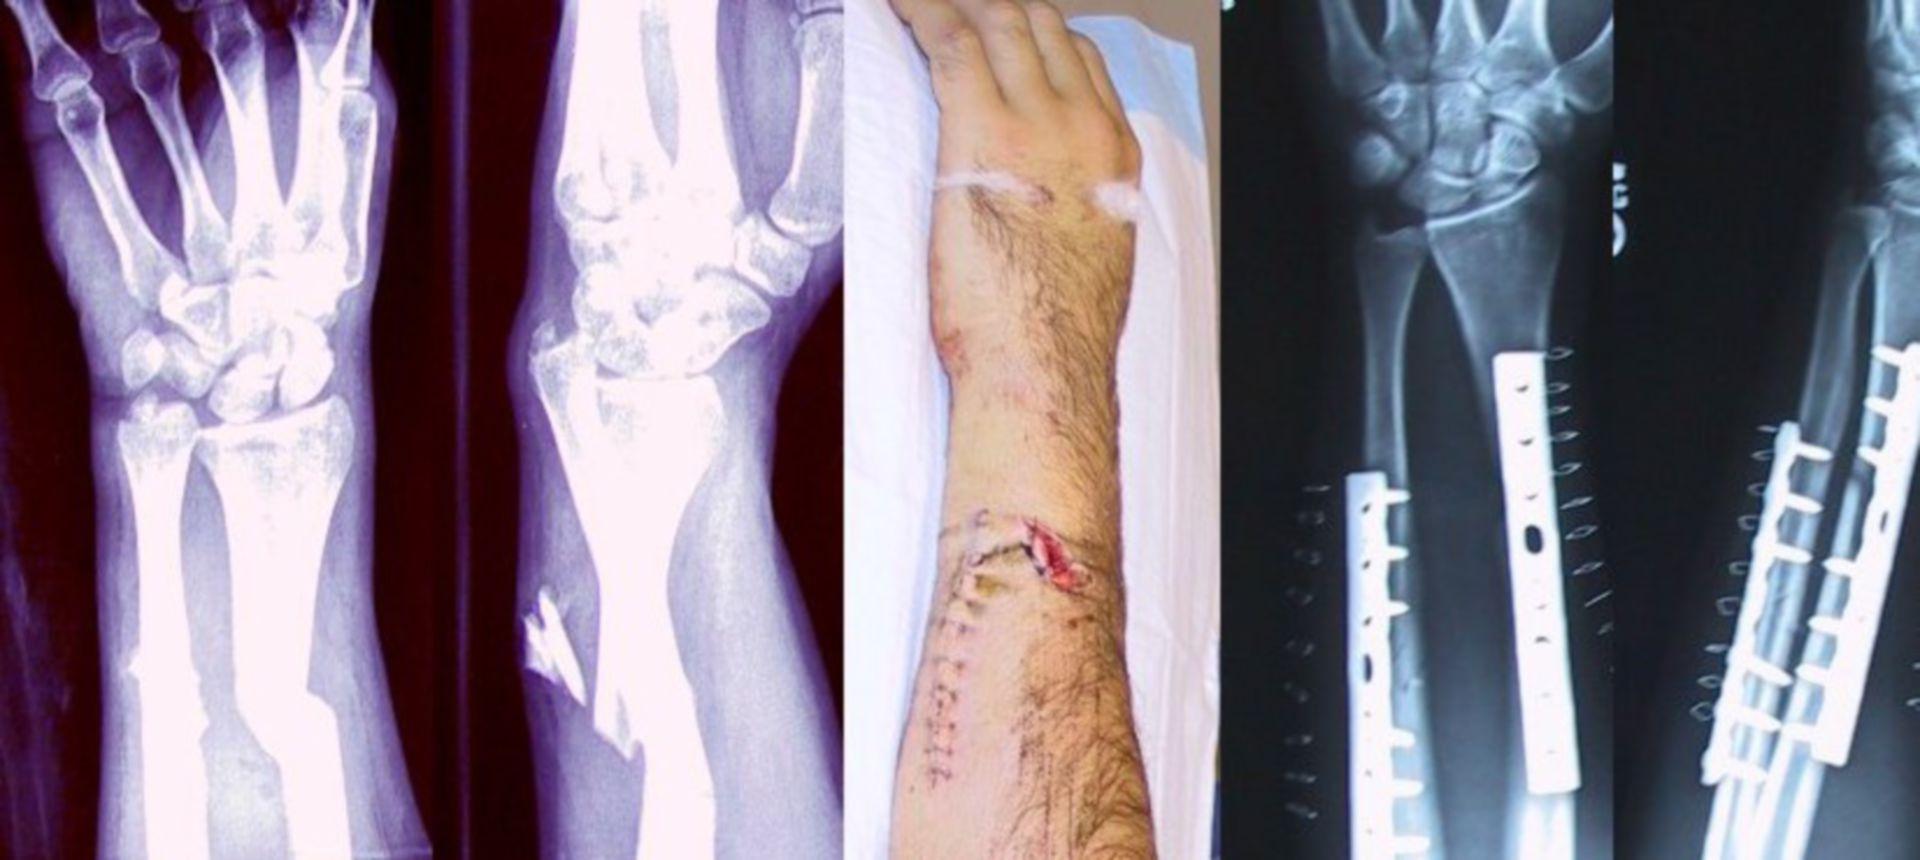 Frattura del braccio